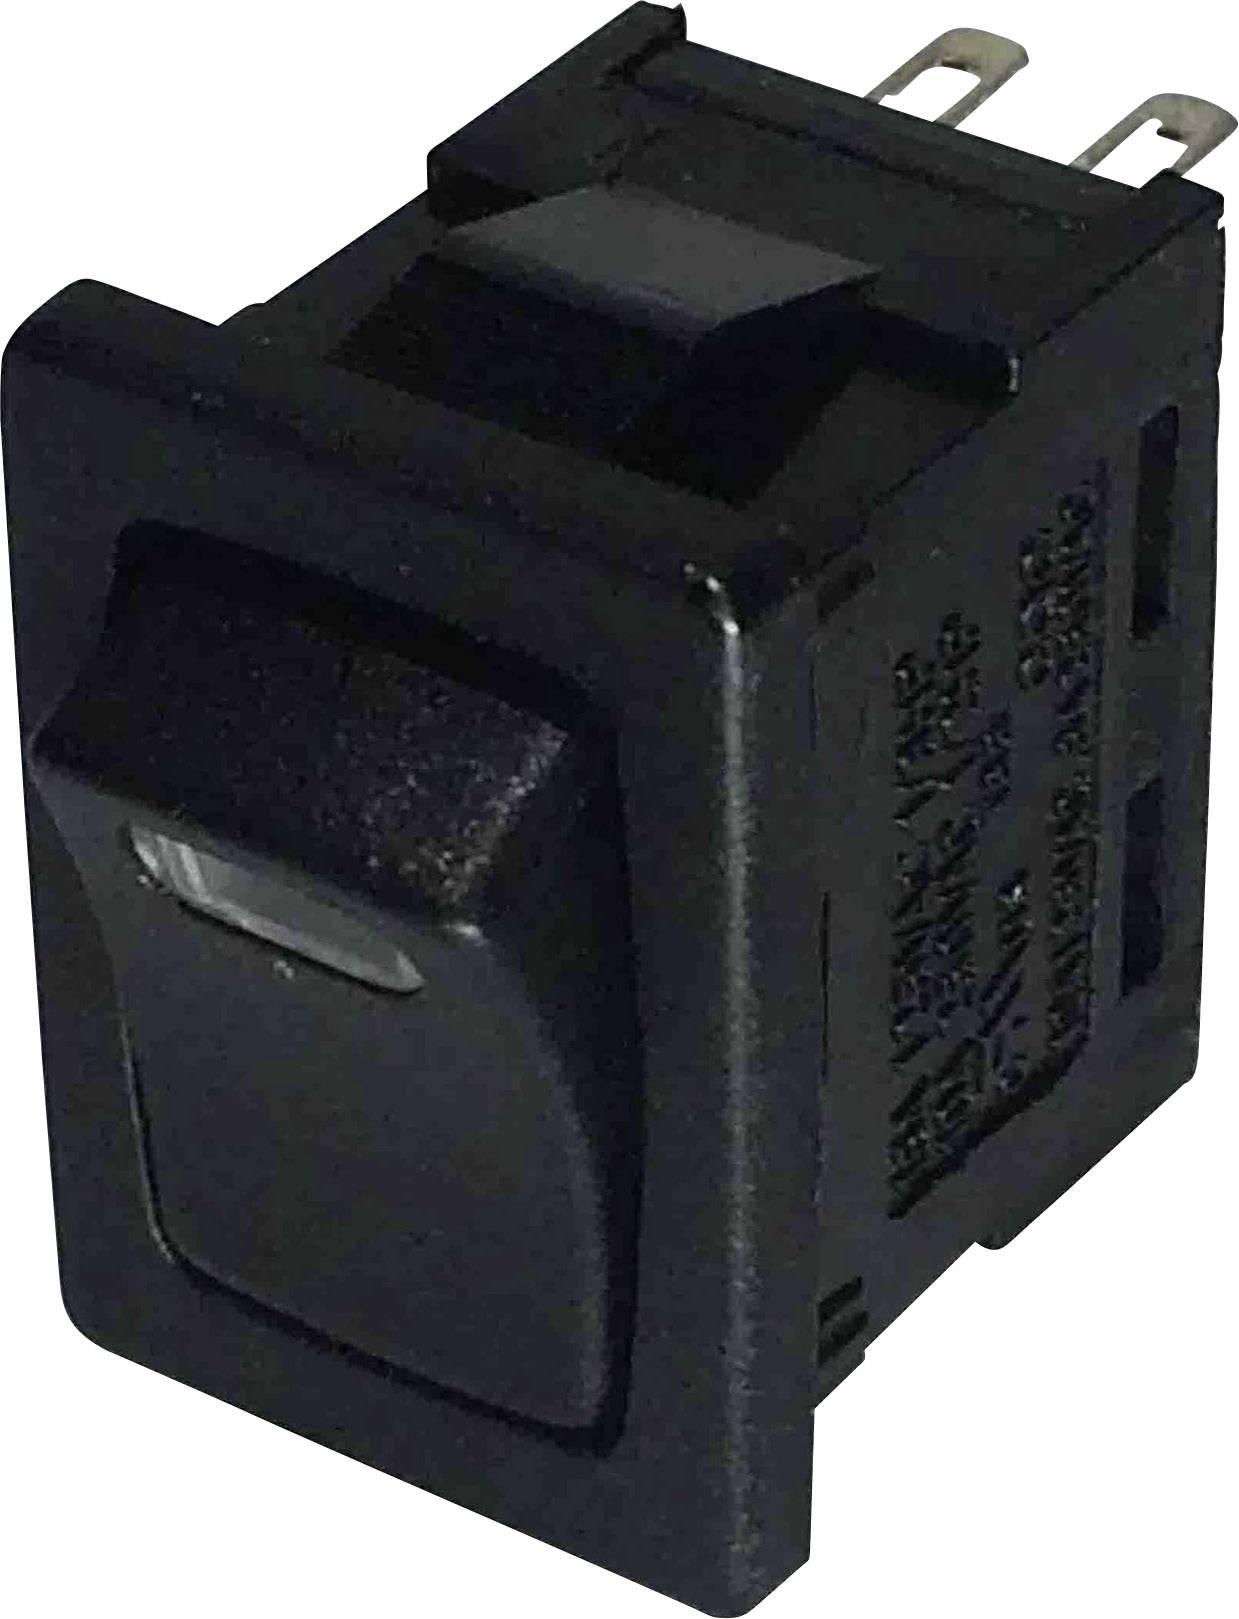 Kolískový spínač SCI R13-66L-02 LED 12V/DC s aretáciou 250 V/AC, 6 A, 1x vyp/zap, čierna, červená, 1 ks